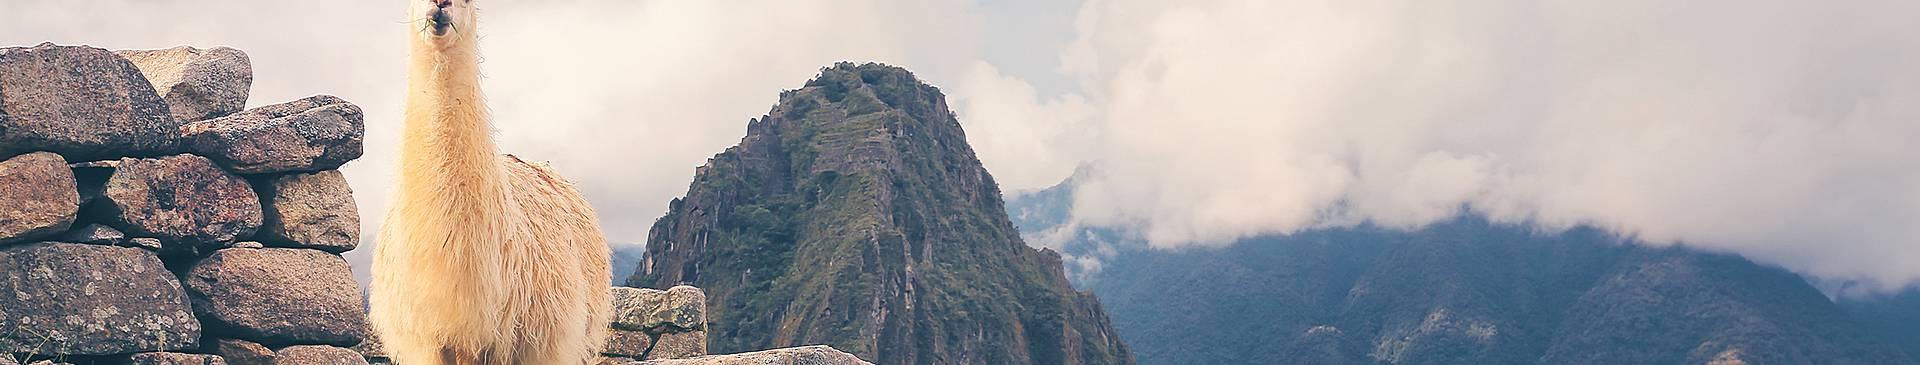 Viaggi in Perù a maggio